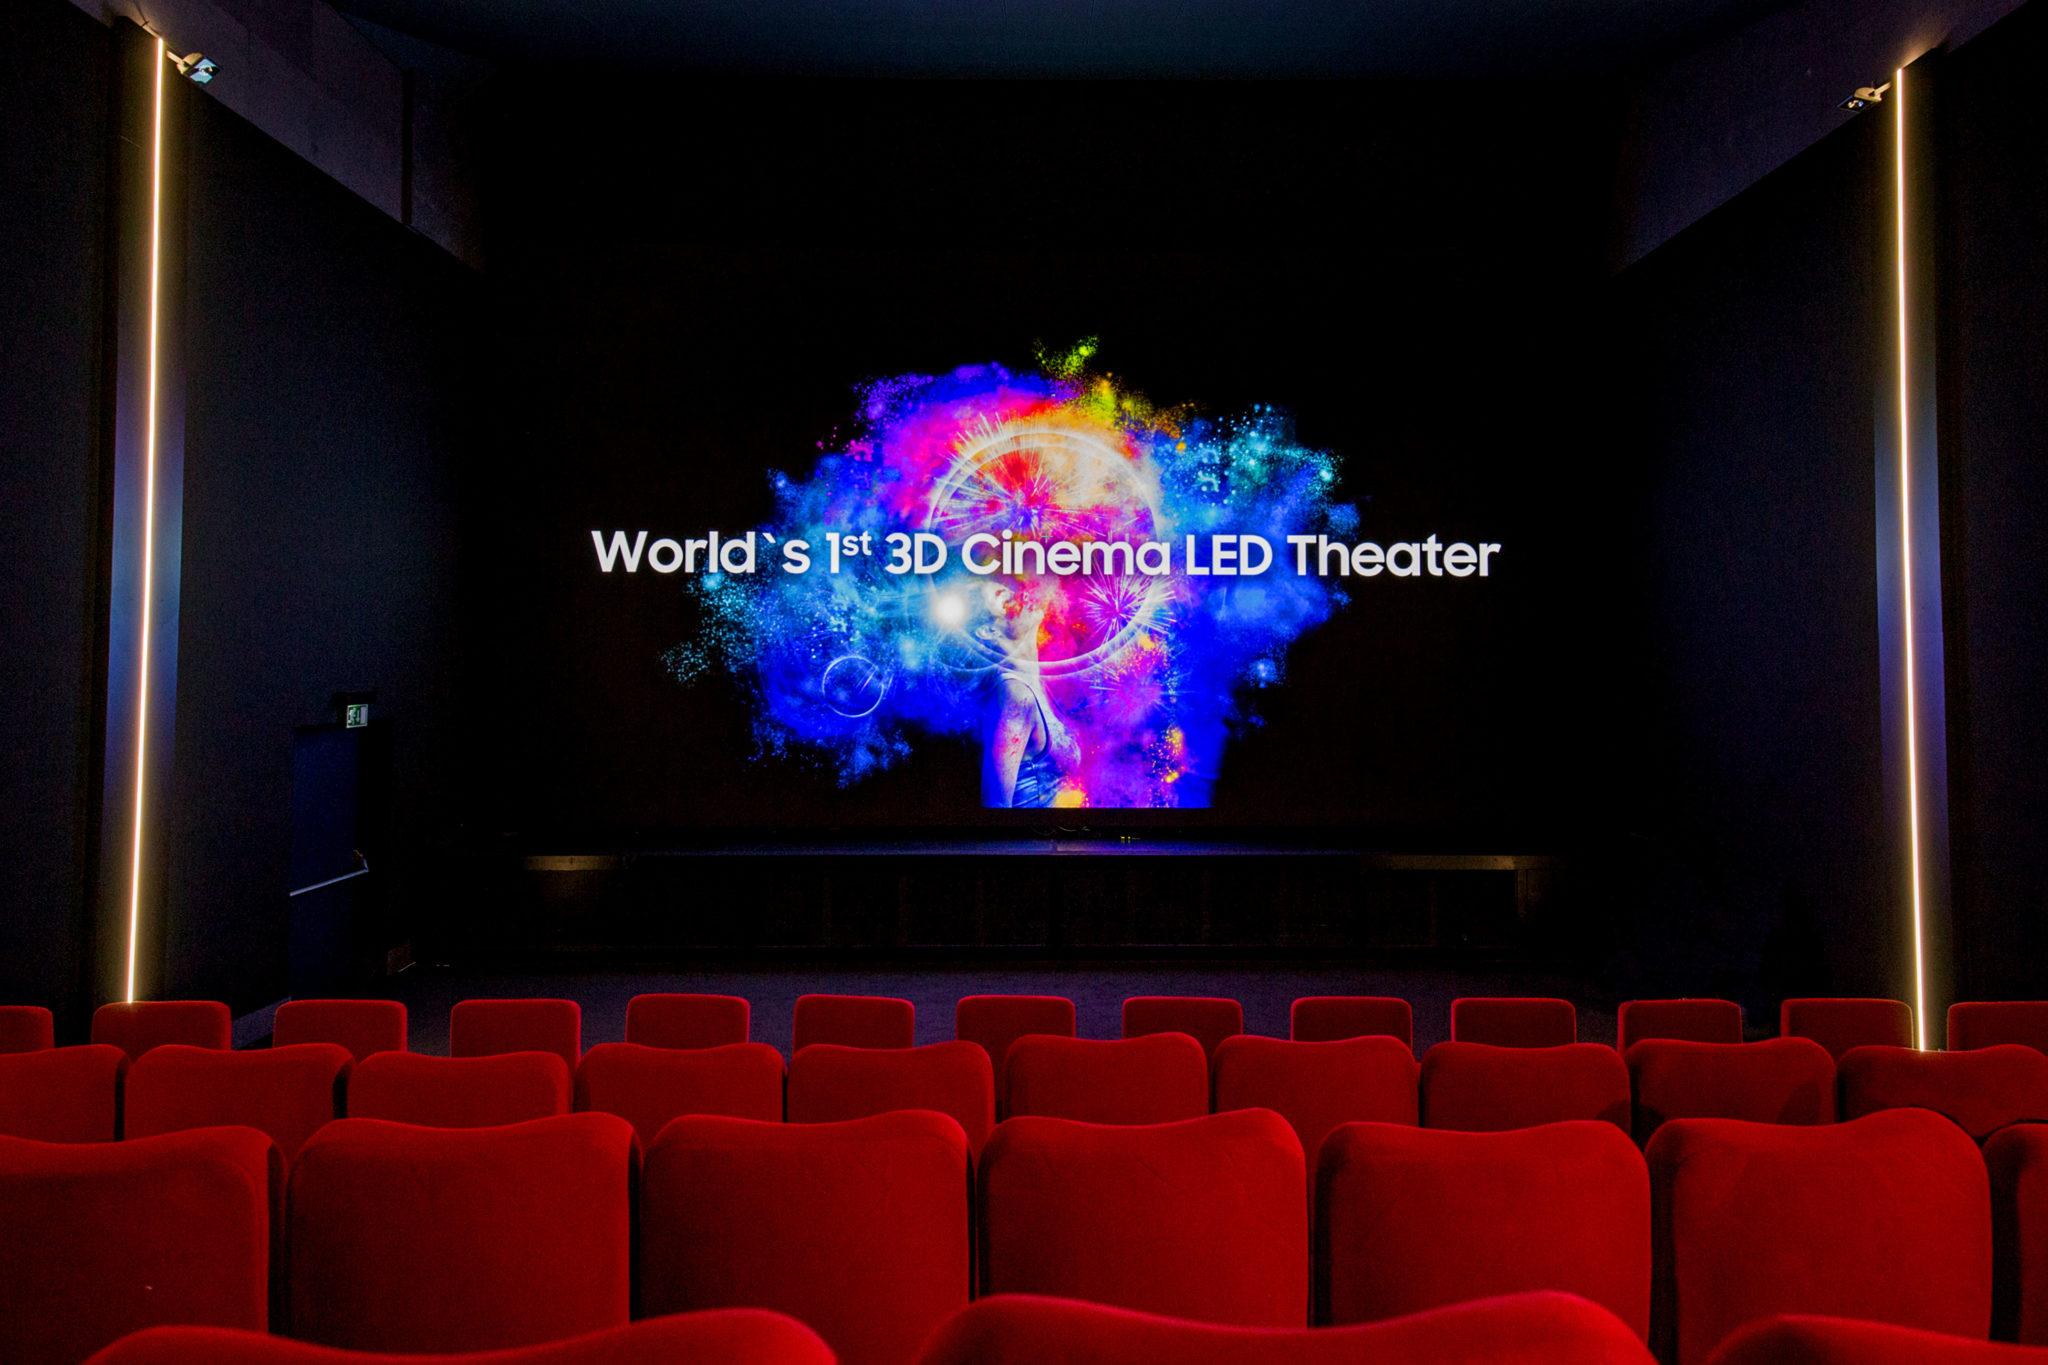 5d0c7eabf Samsung predstavuje vo Švajčiarsku prvé kino na svete s obrazovkou 3D Cinema  LED